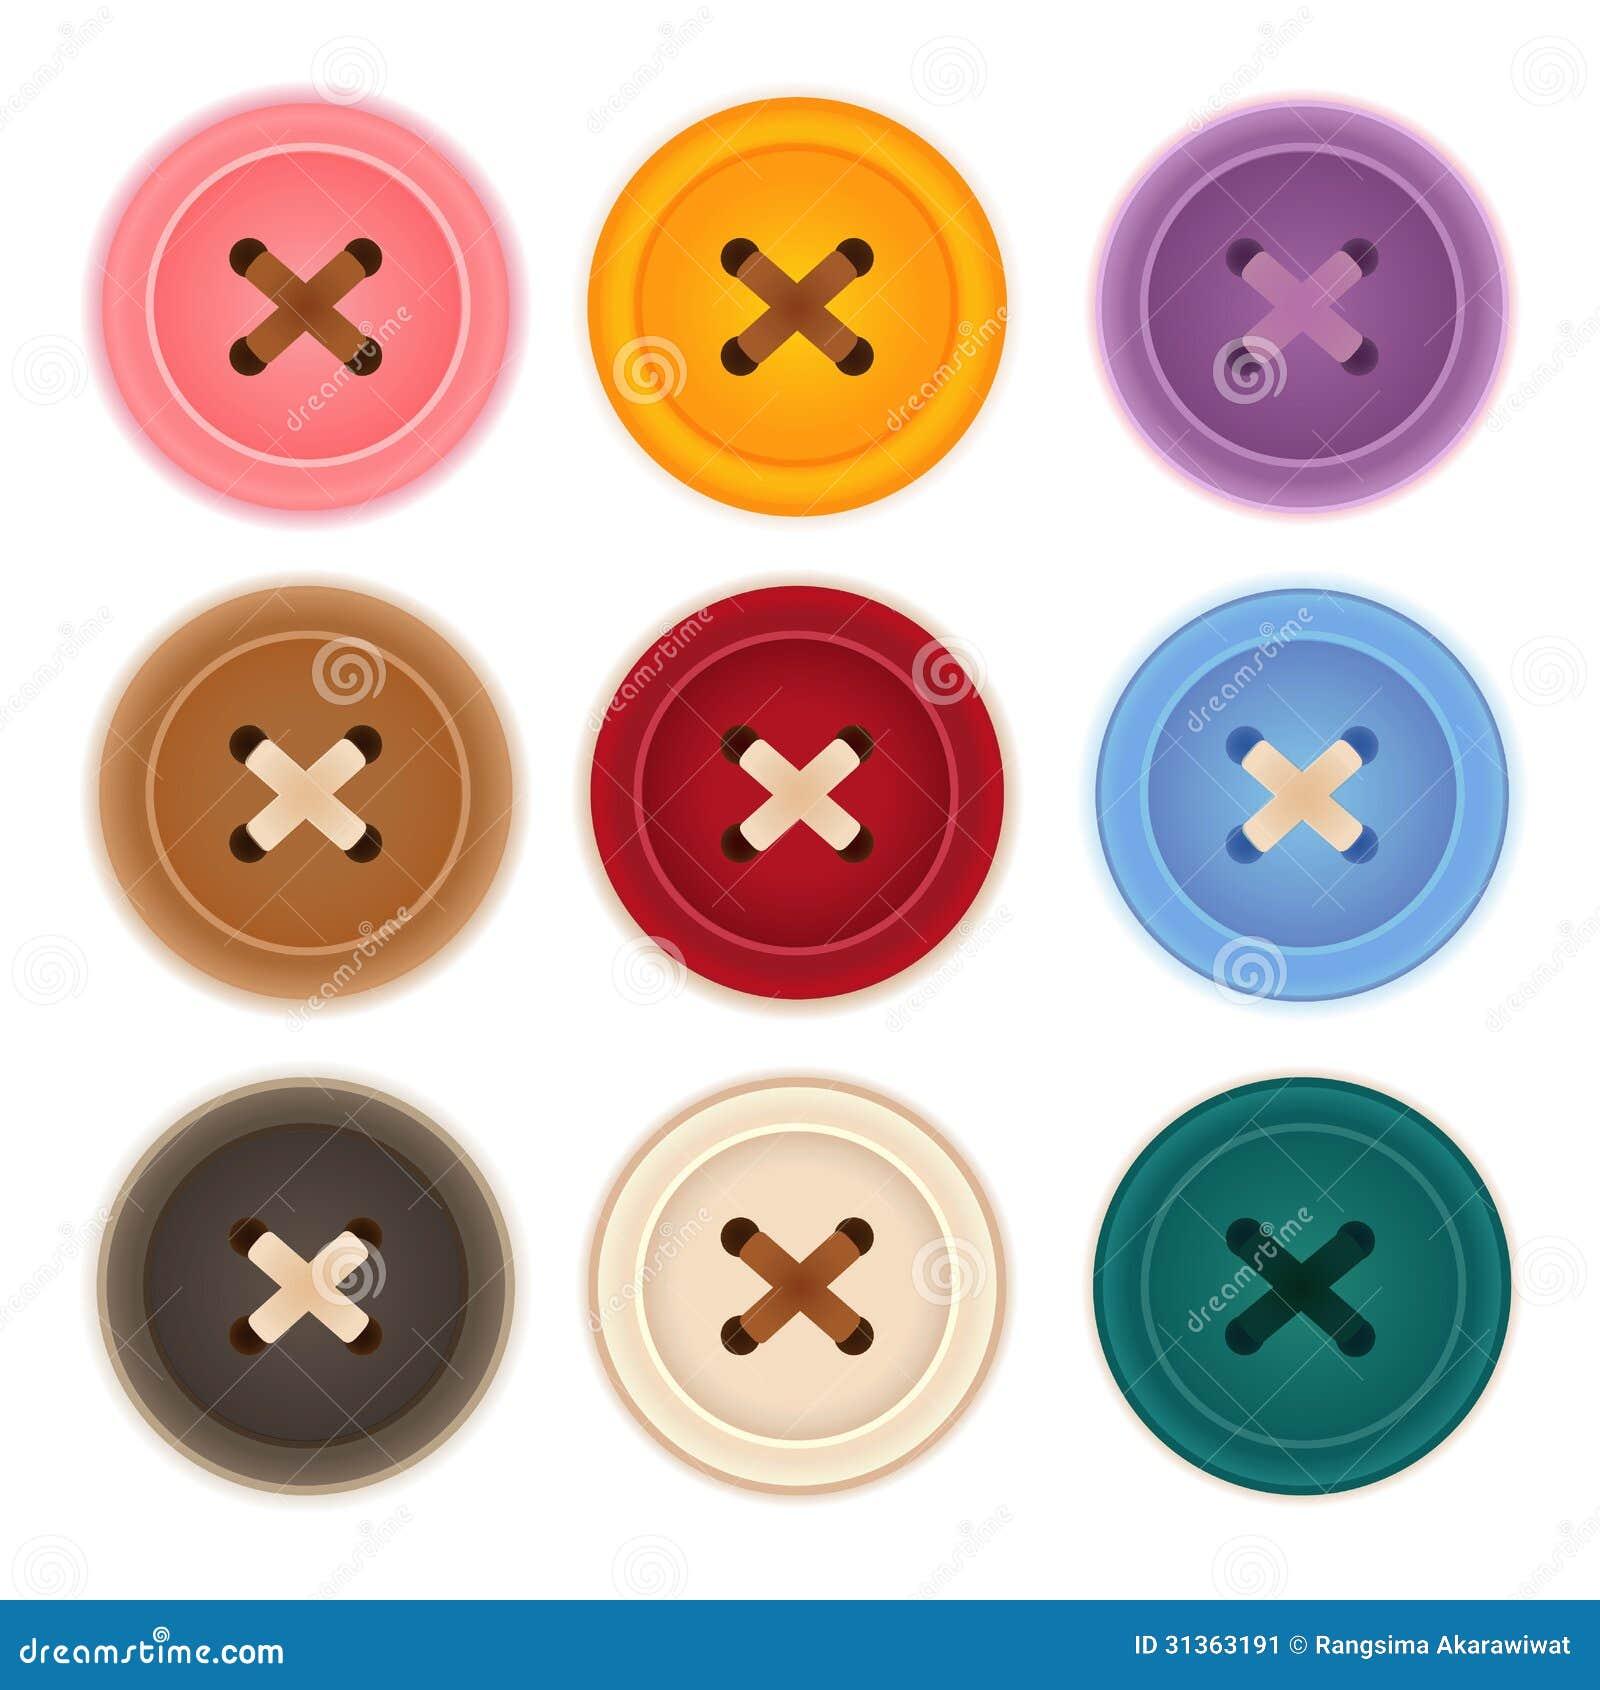 clothes buttons clip art - photo #43